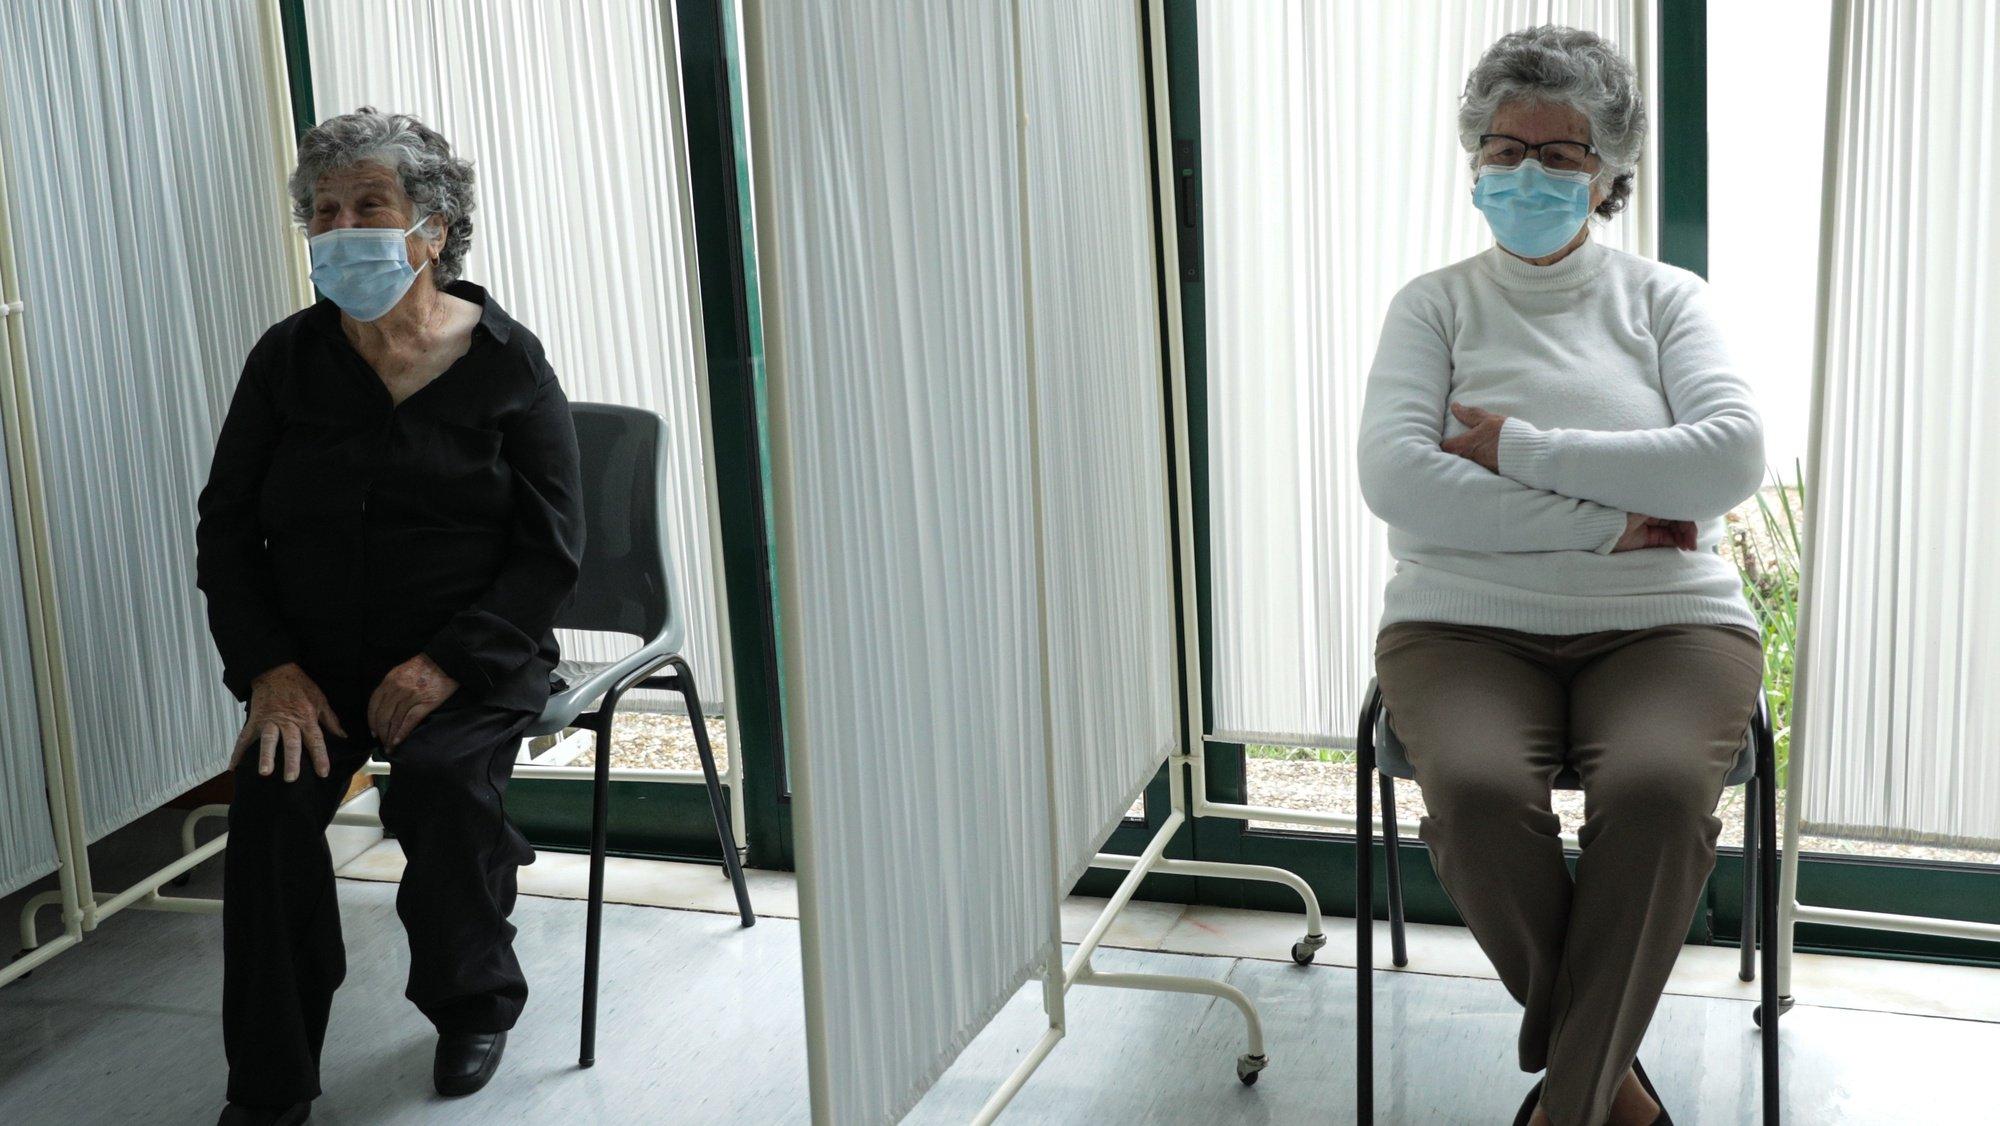 Idosas esperam para ser vacinadas contra a covid-19 no Centro de Saúde de Alcoutim, um dos concelhos mais envelhecidos da Europa, Alcoutim, 26 de fevereiro de 2021. (ACOMPANHA TEXTO) LUÍS FORRA/LUSA